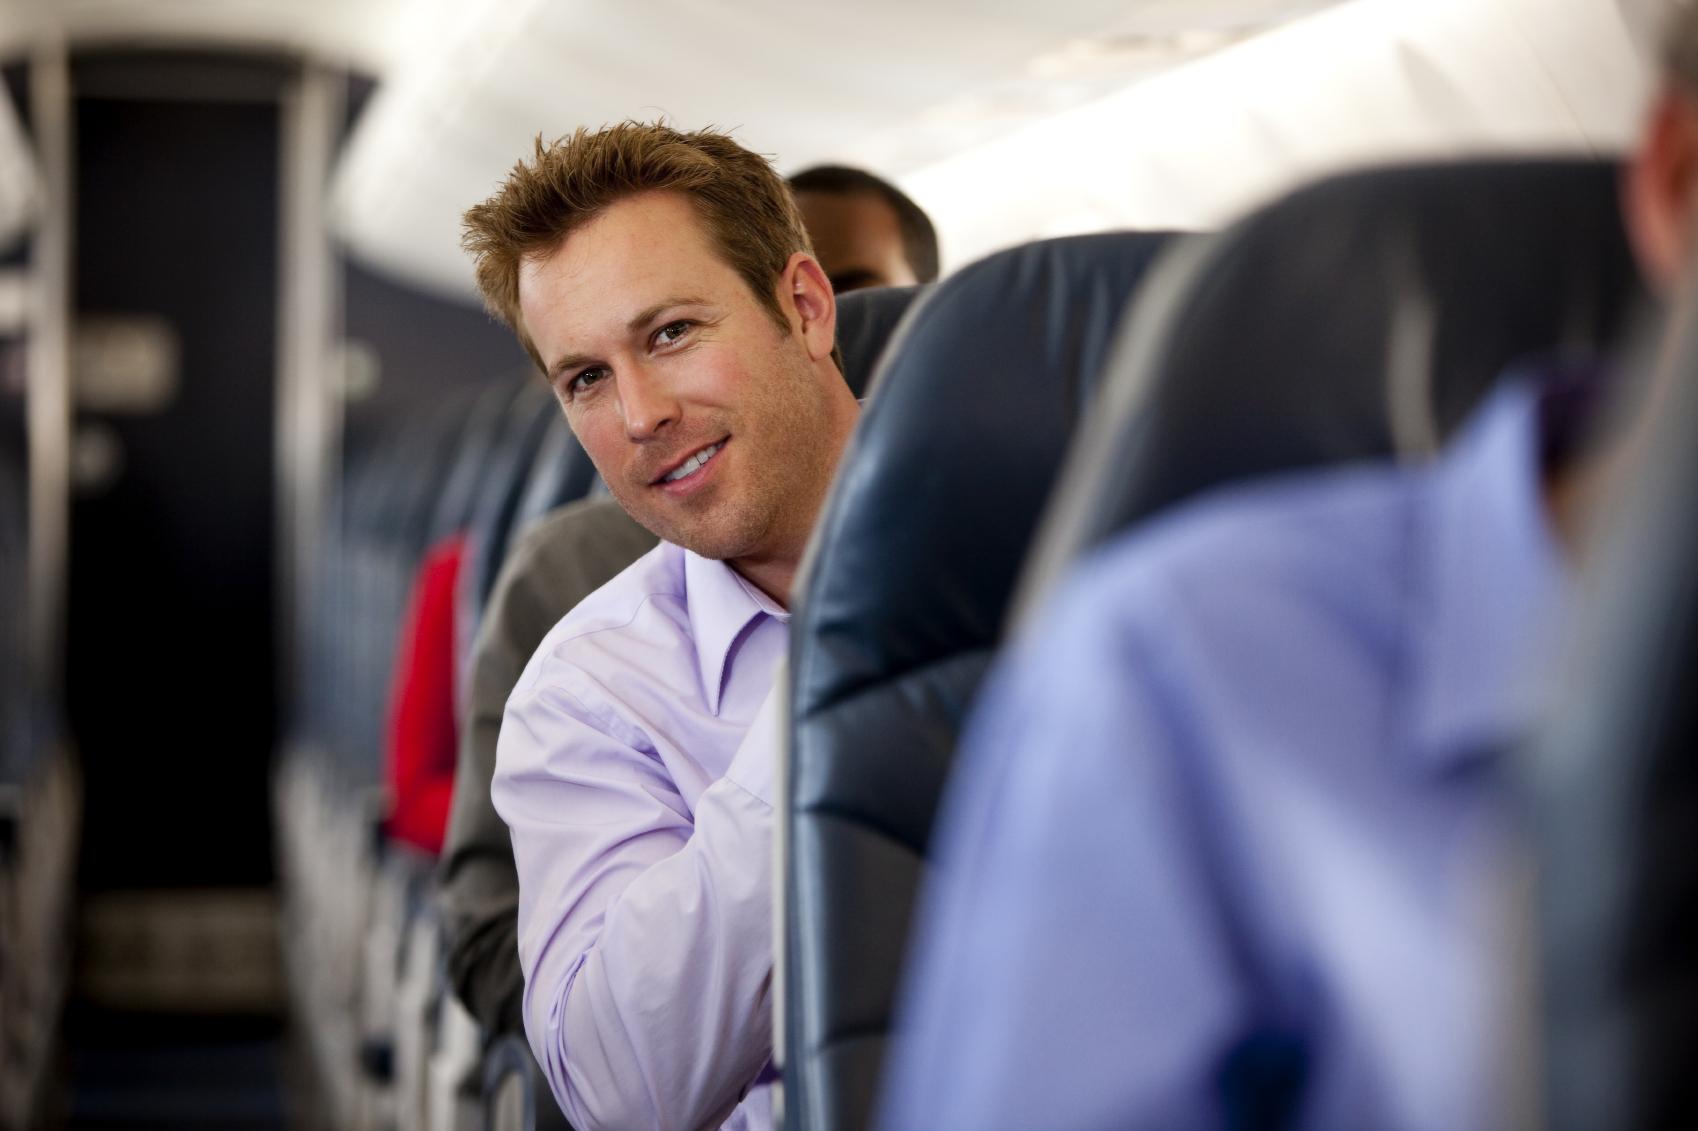 Assicurazioni viaggi e polizza infortuni in volo